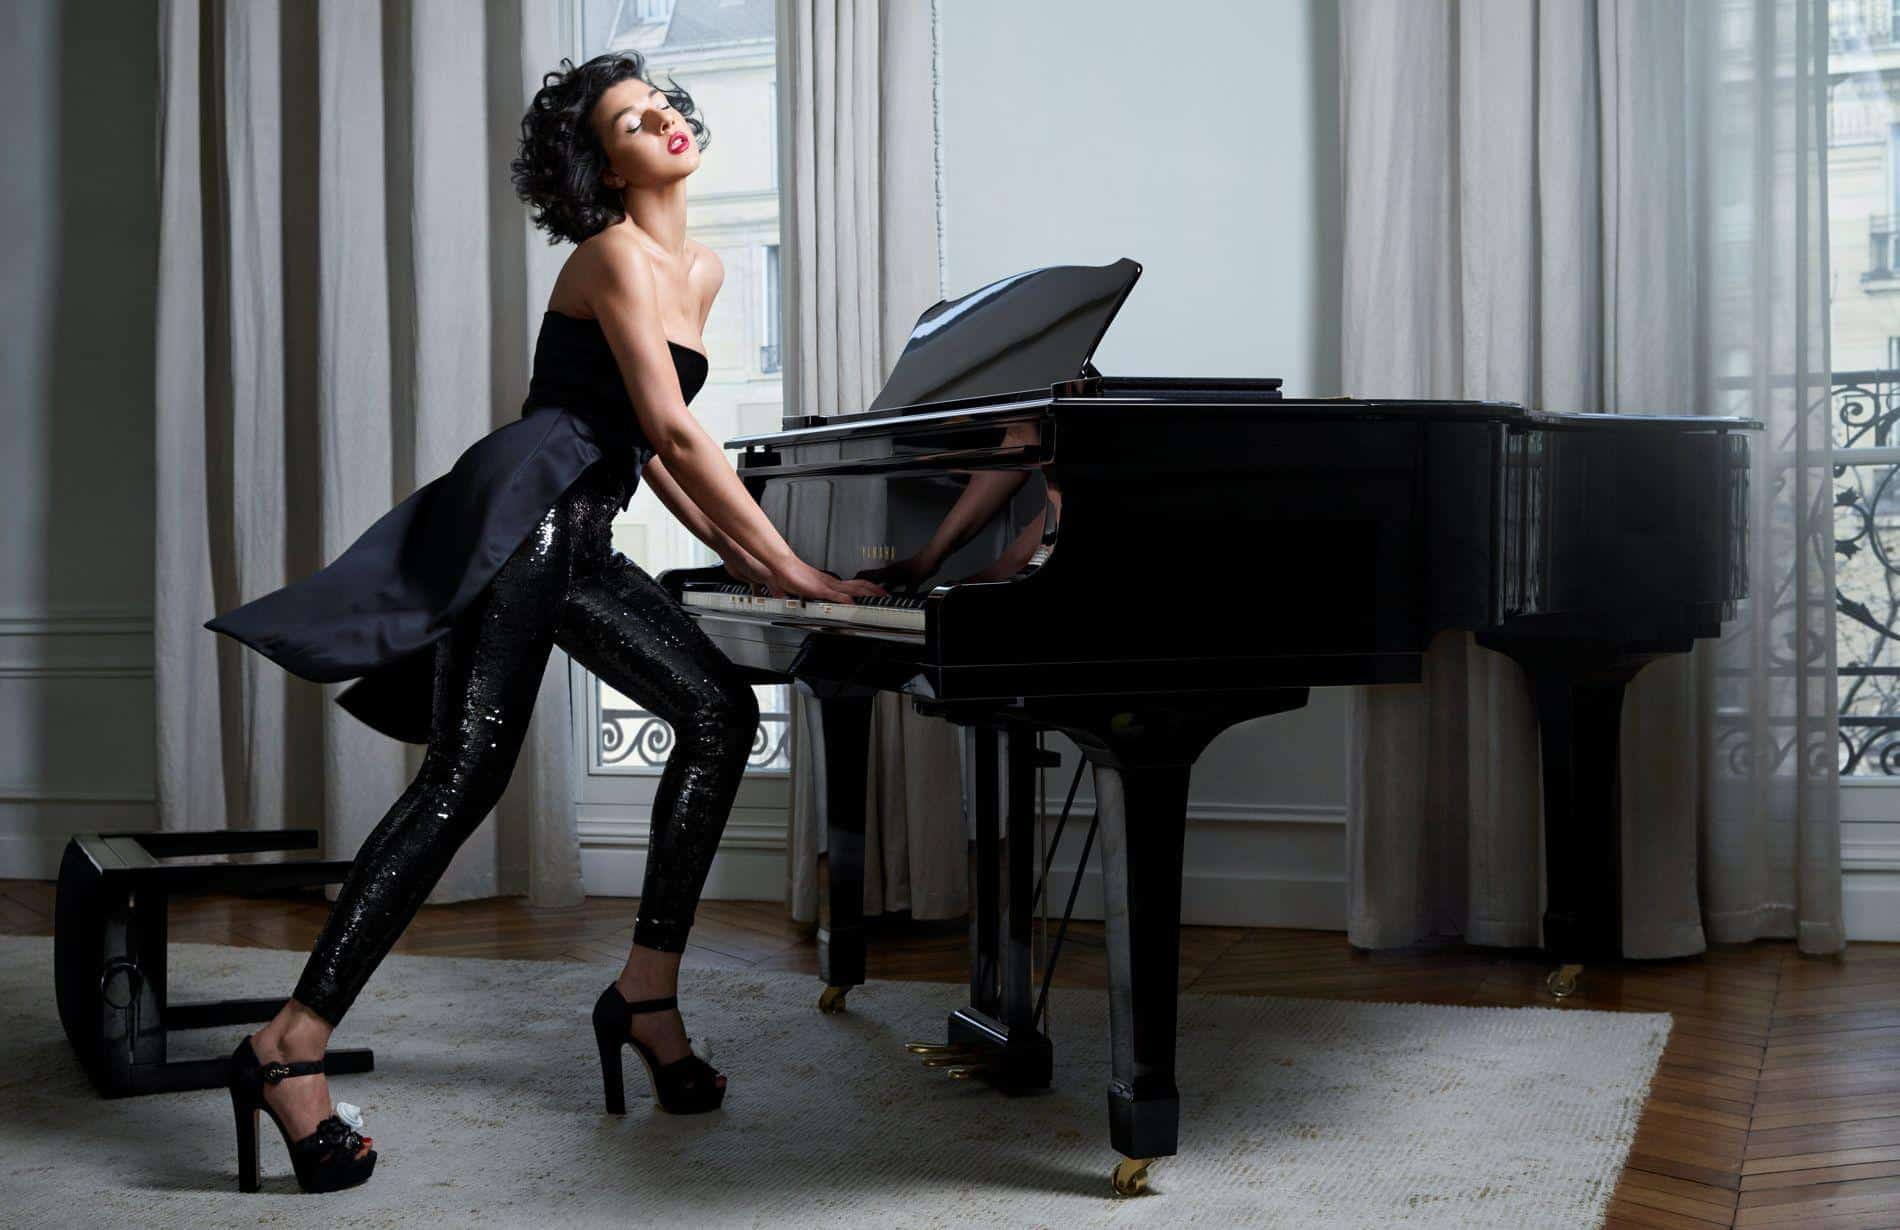 Beethoven Piano Concerto No.1 In C Major Op.15 - Zubin Mehta, Khatia Buniatishvili 2